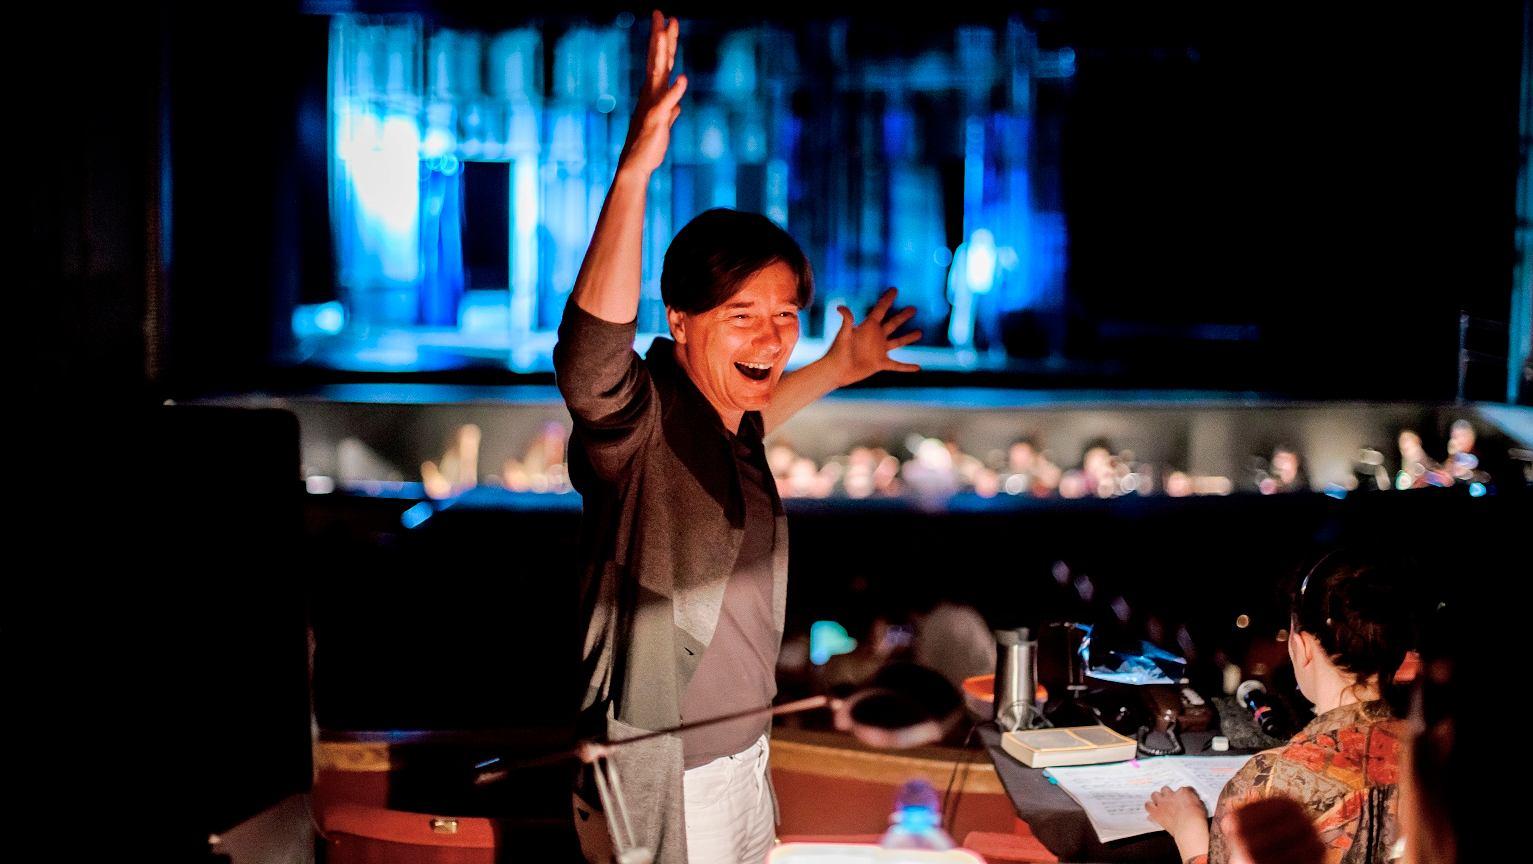 Mariusz Treliński w trakcie prób do opery 'Ognisty anioł' w warszawskim Teatrze Wielkim - Operze Narodowej